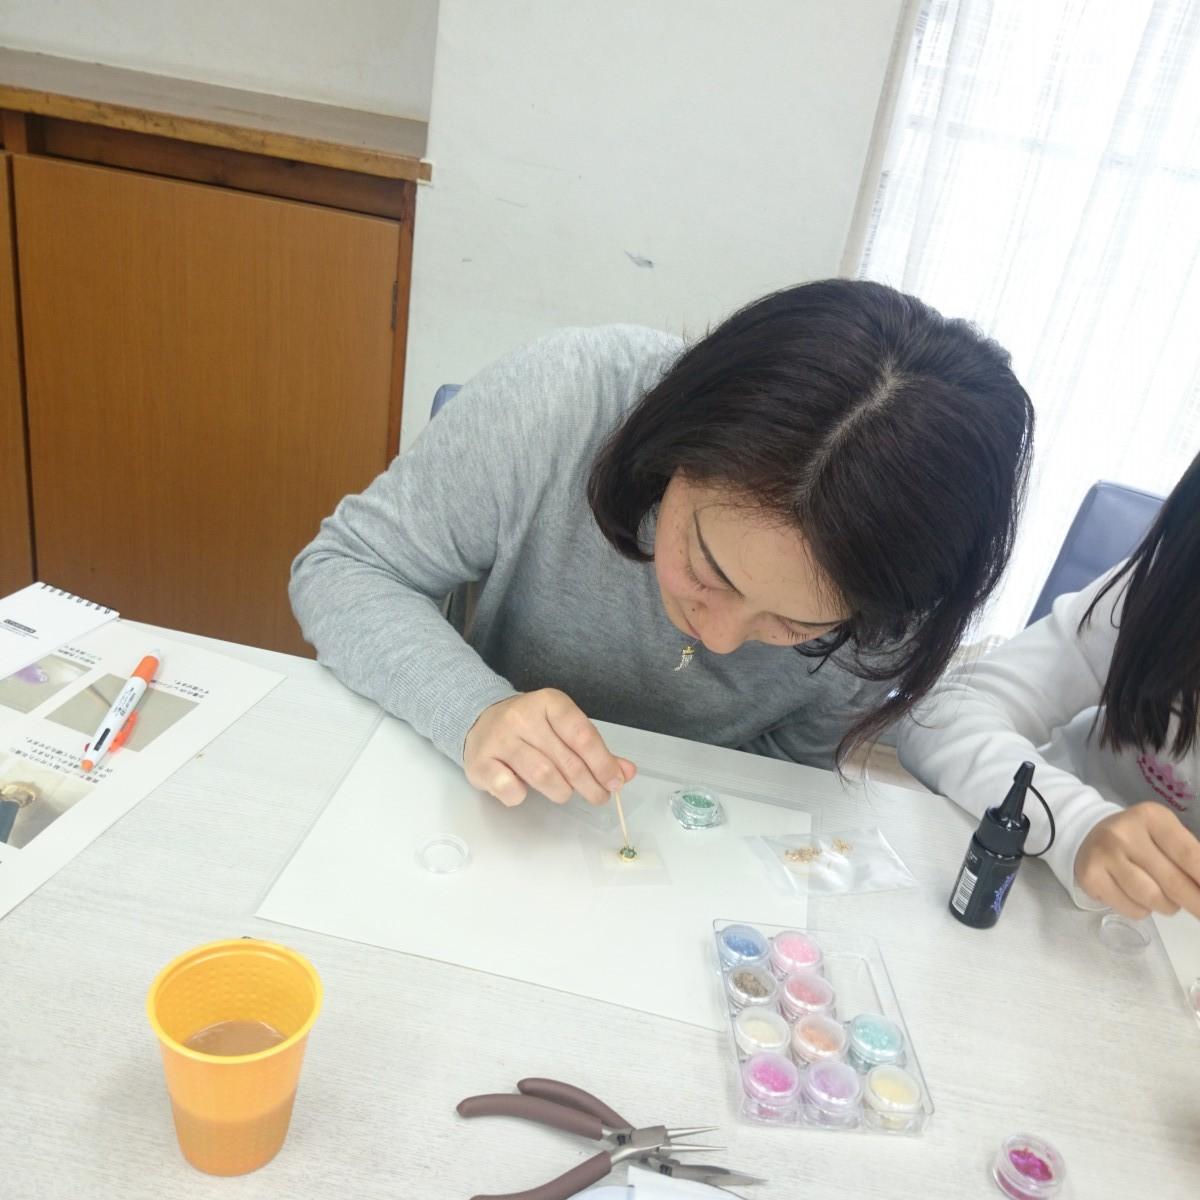 【1dayレッスン感想】「自分で作ったアクセサリーを身につけて楽しんでみたかった」横浜市・主婦 Uさんの感想